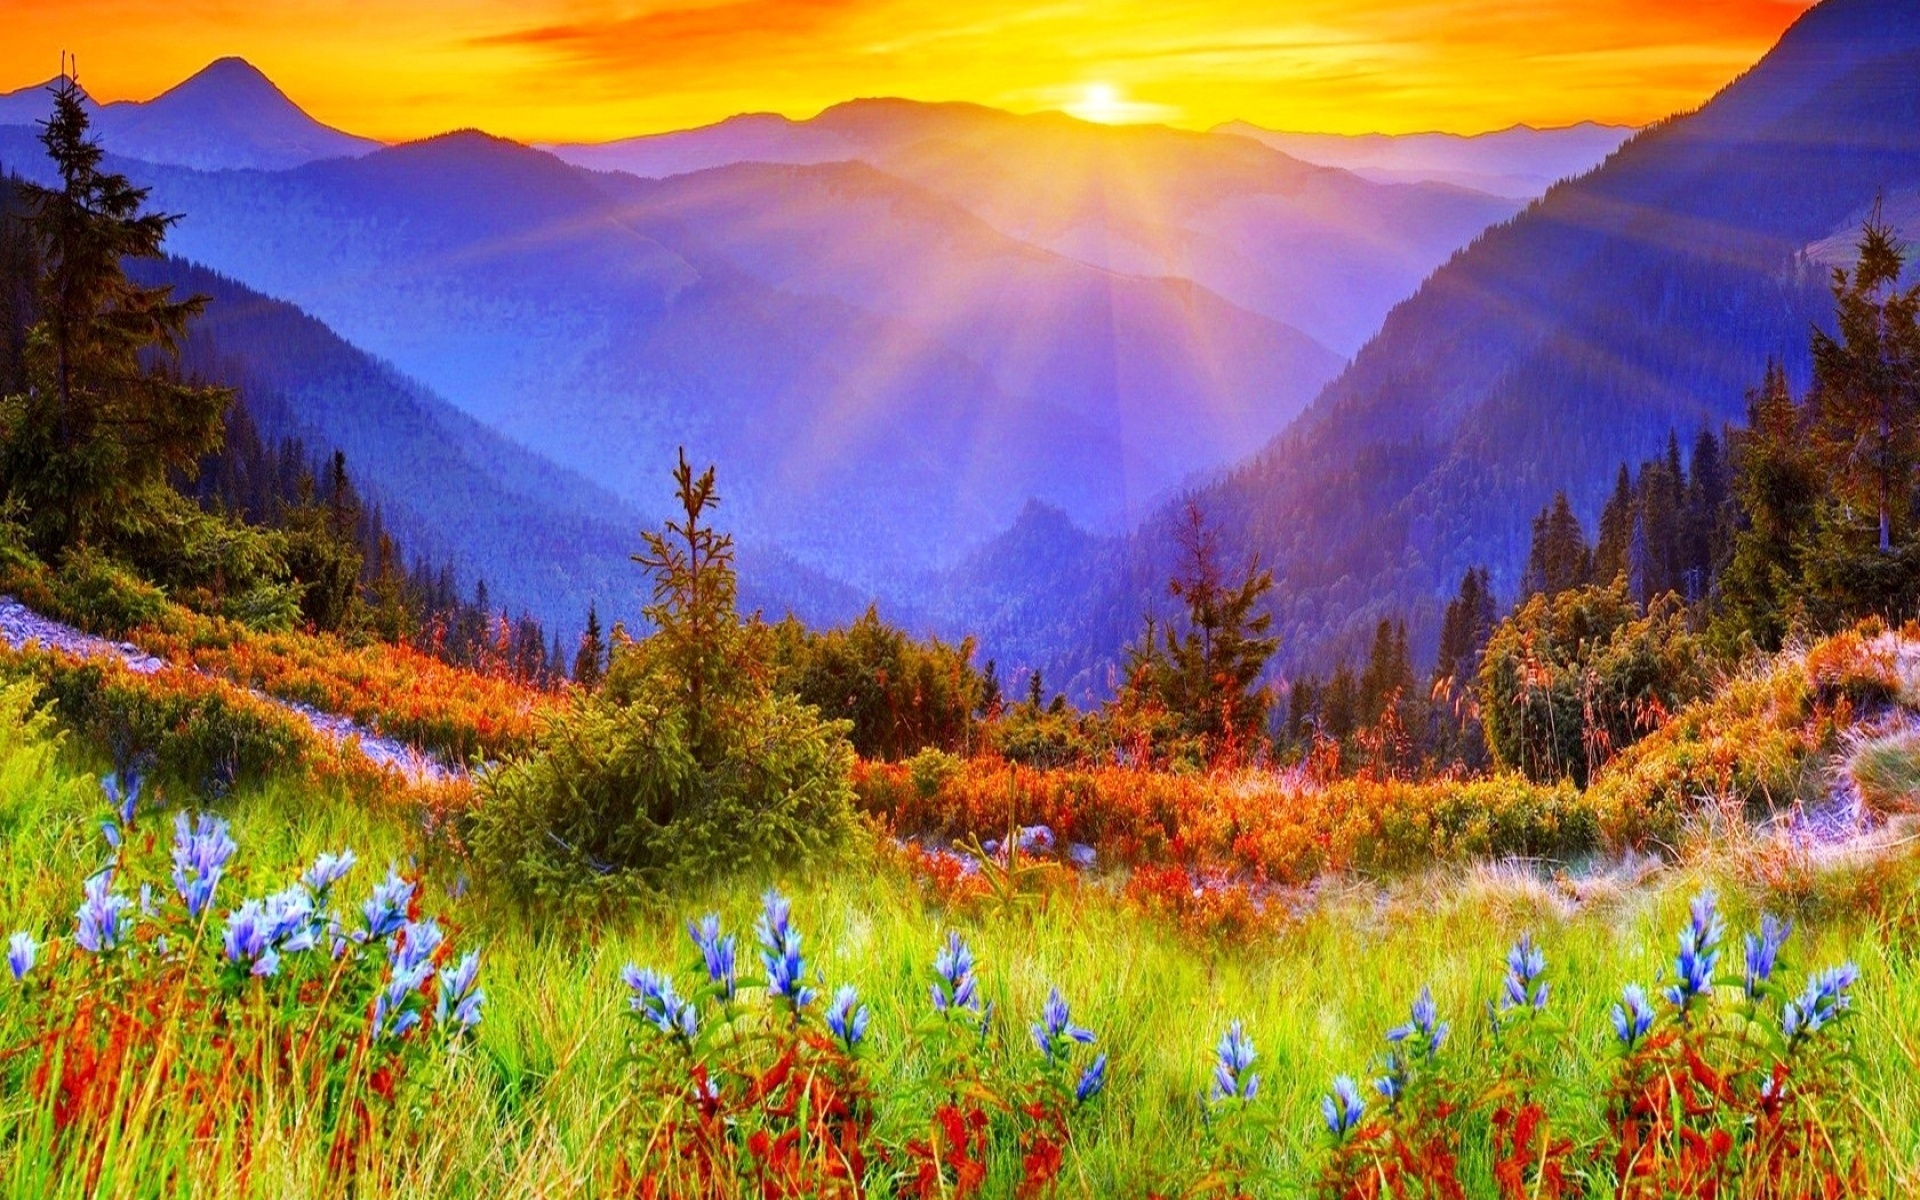 Beautiful sunrise wallpaper wallpapersafari for Stunning wallpapers